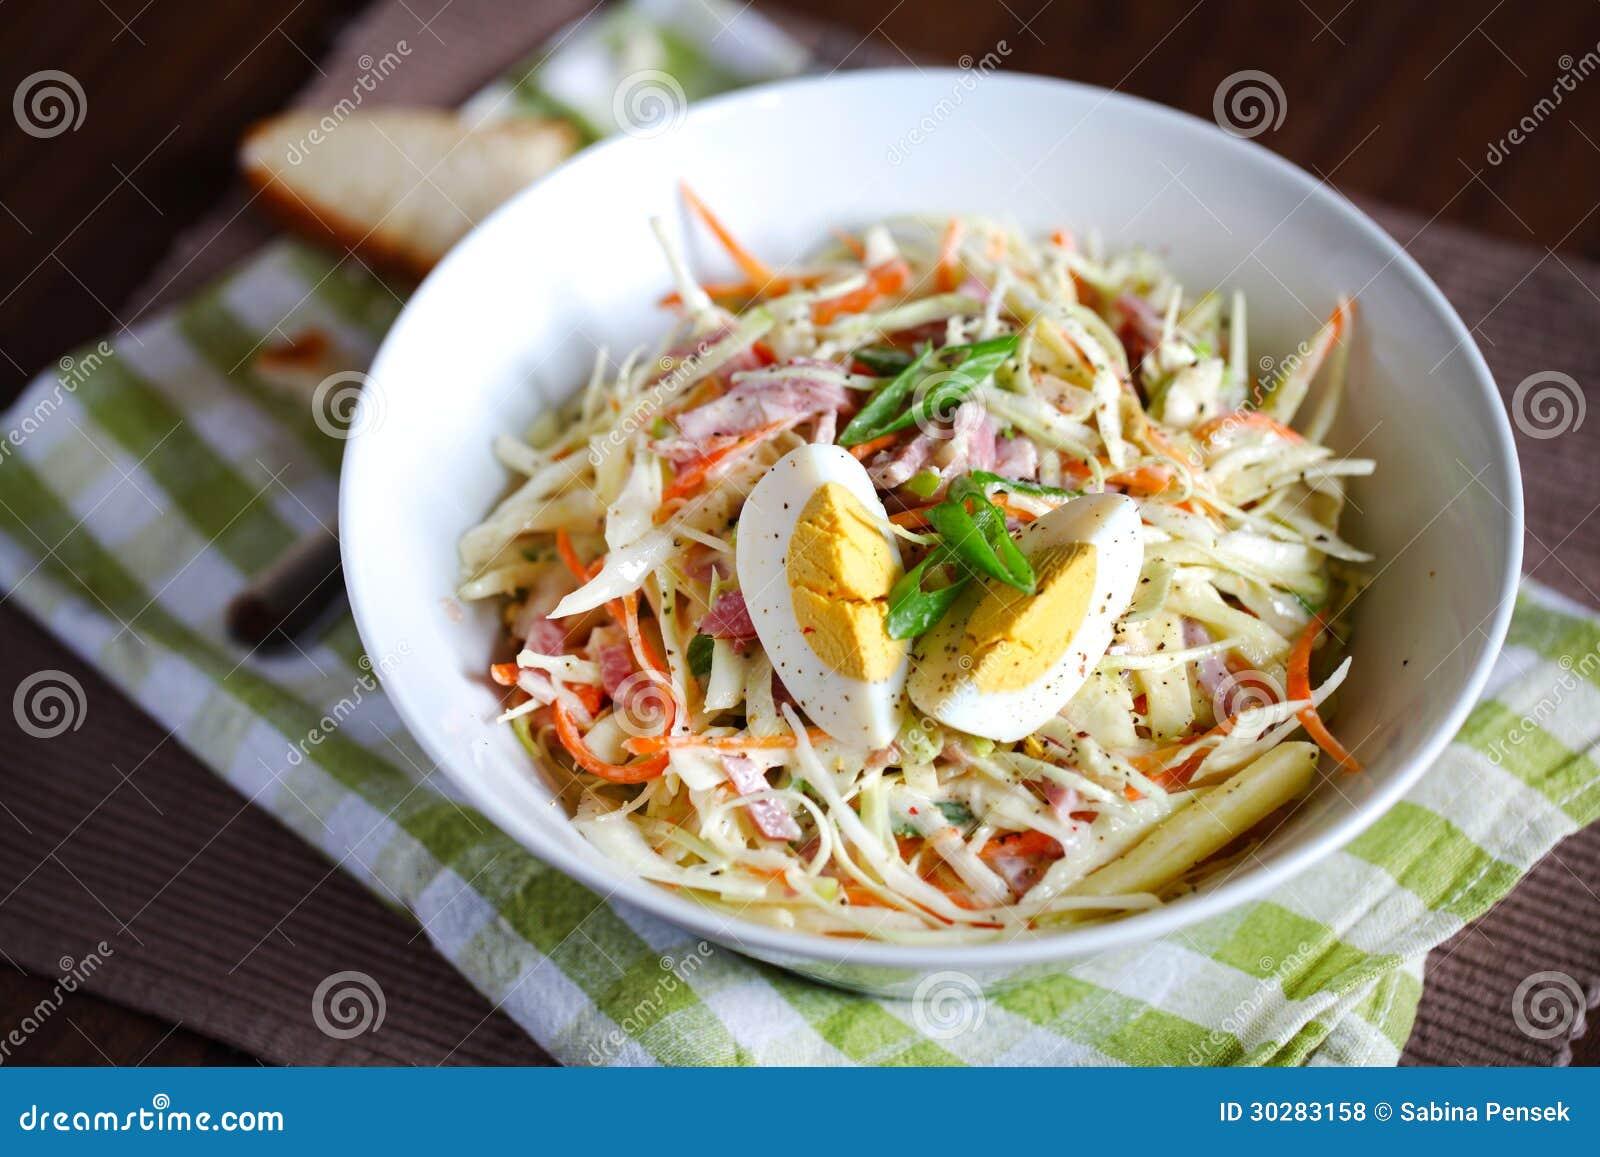 凉拌卷心菜沙拉用水煮蛋和苹果